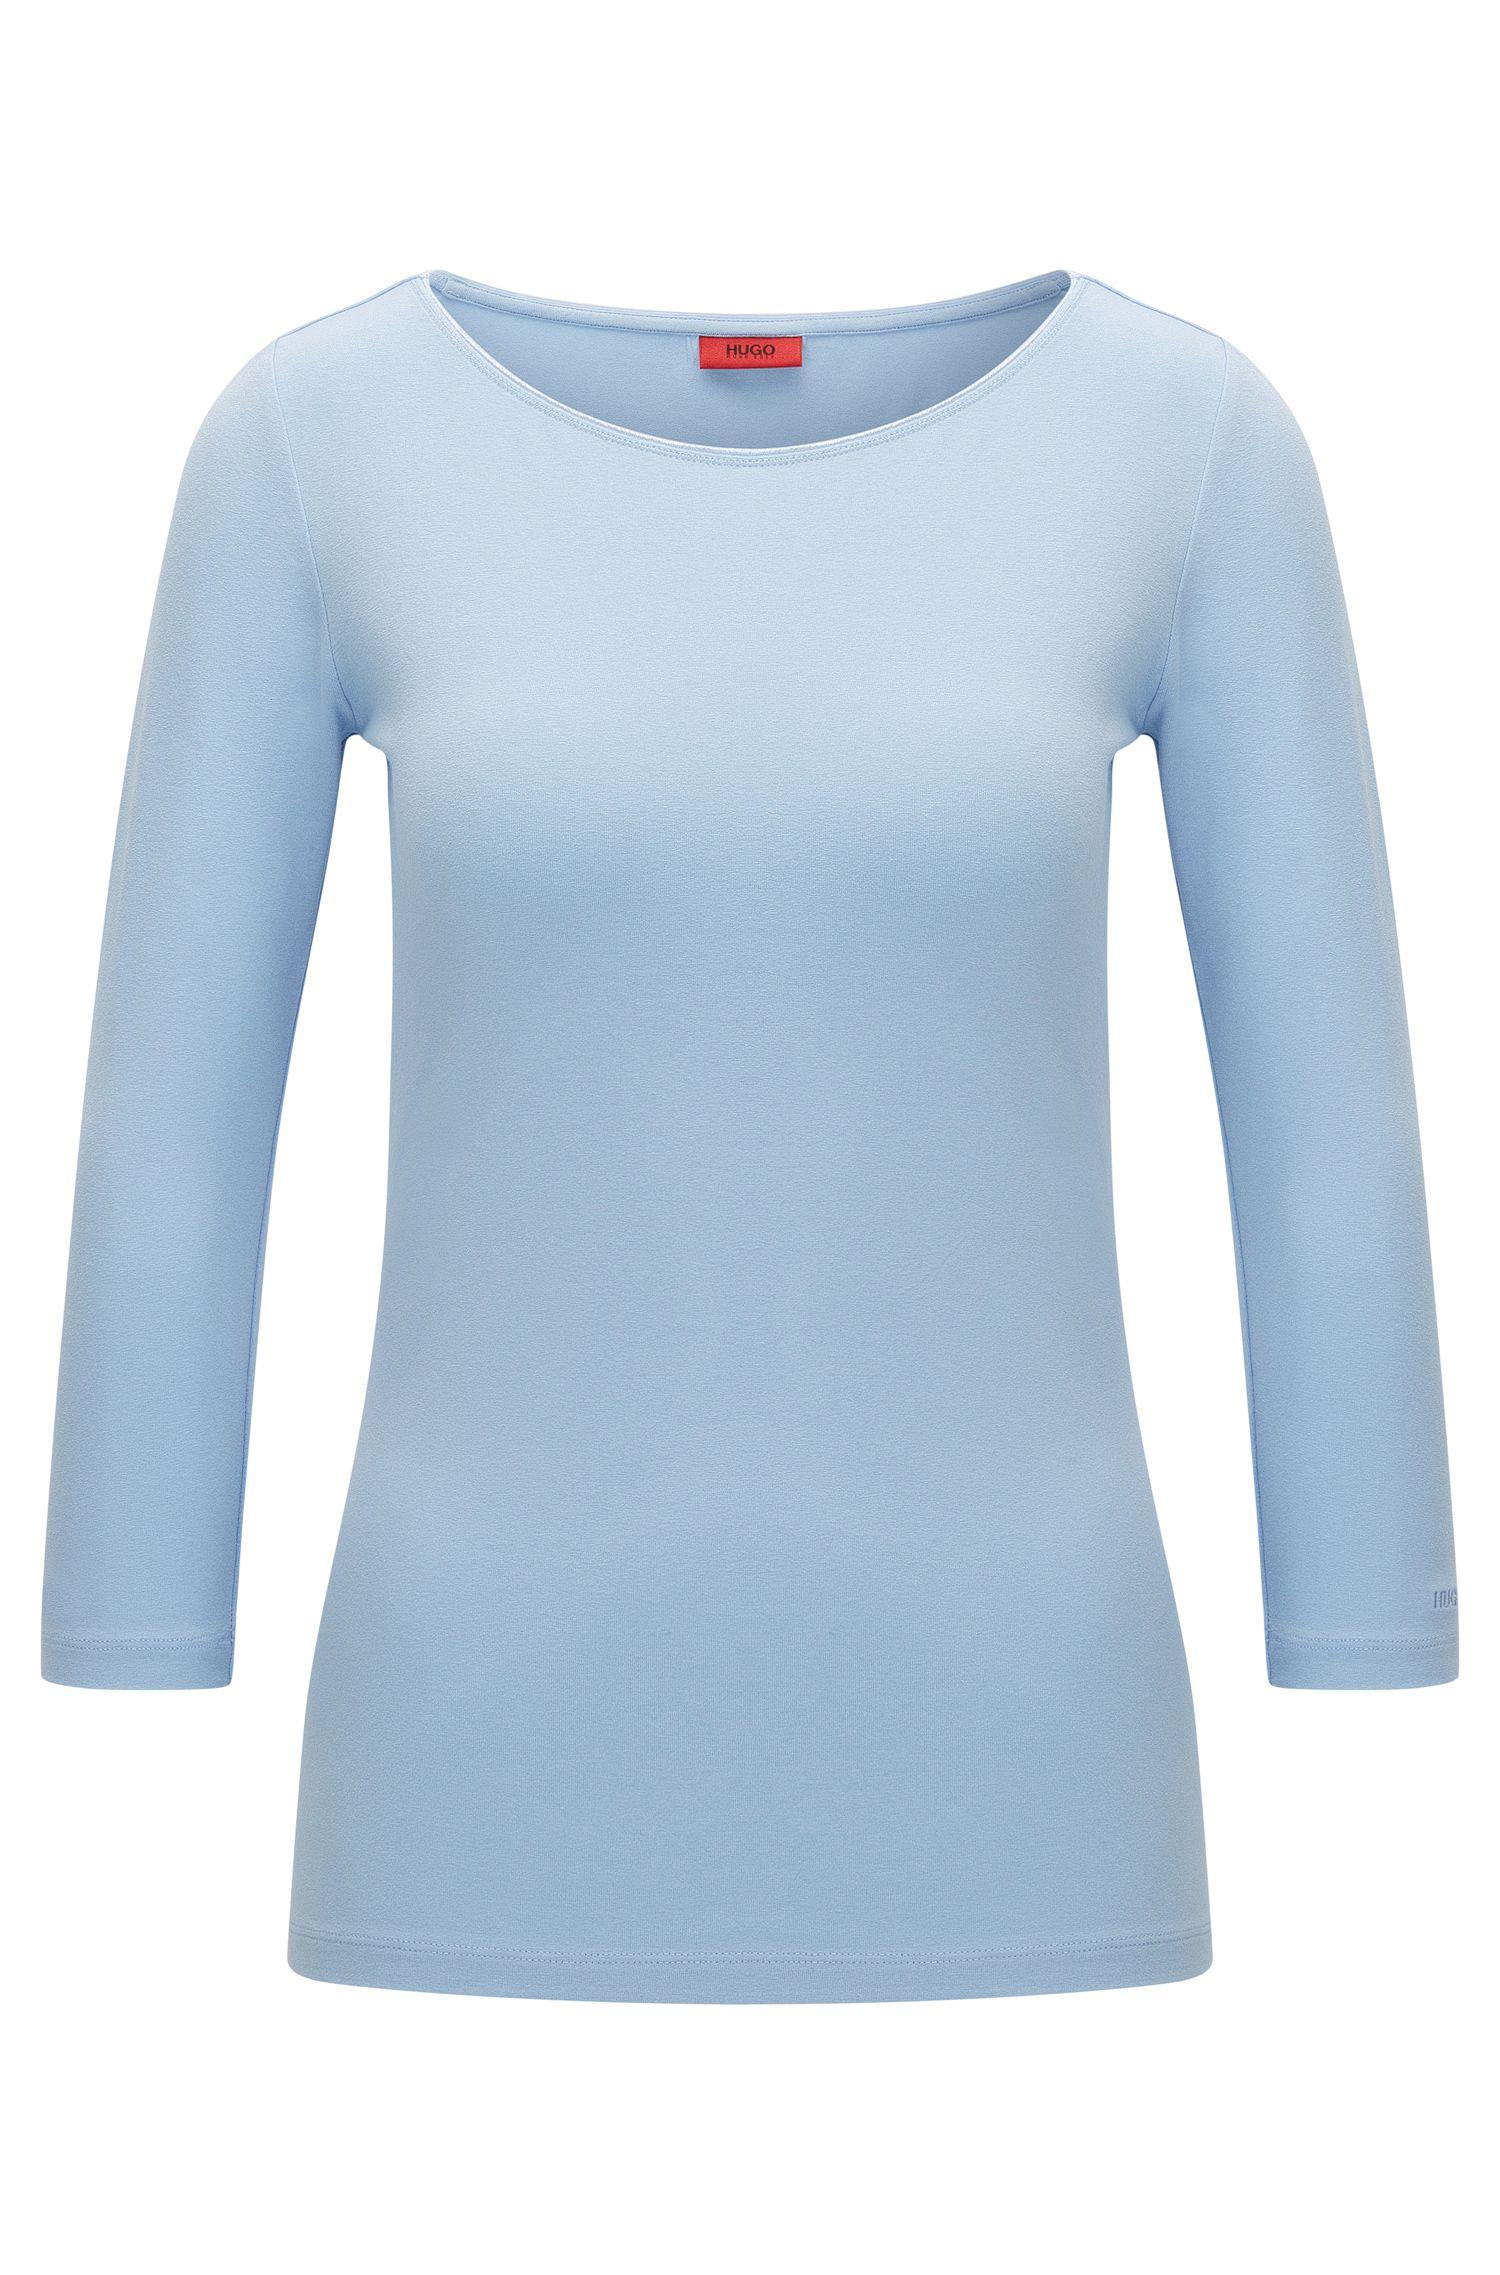 Slim-Fit T-Shirt aus Single-Jersey mit U-Boot-Ausschnitt von HUGO Woman